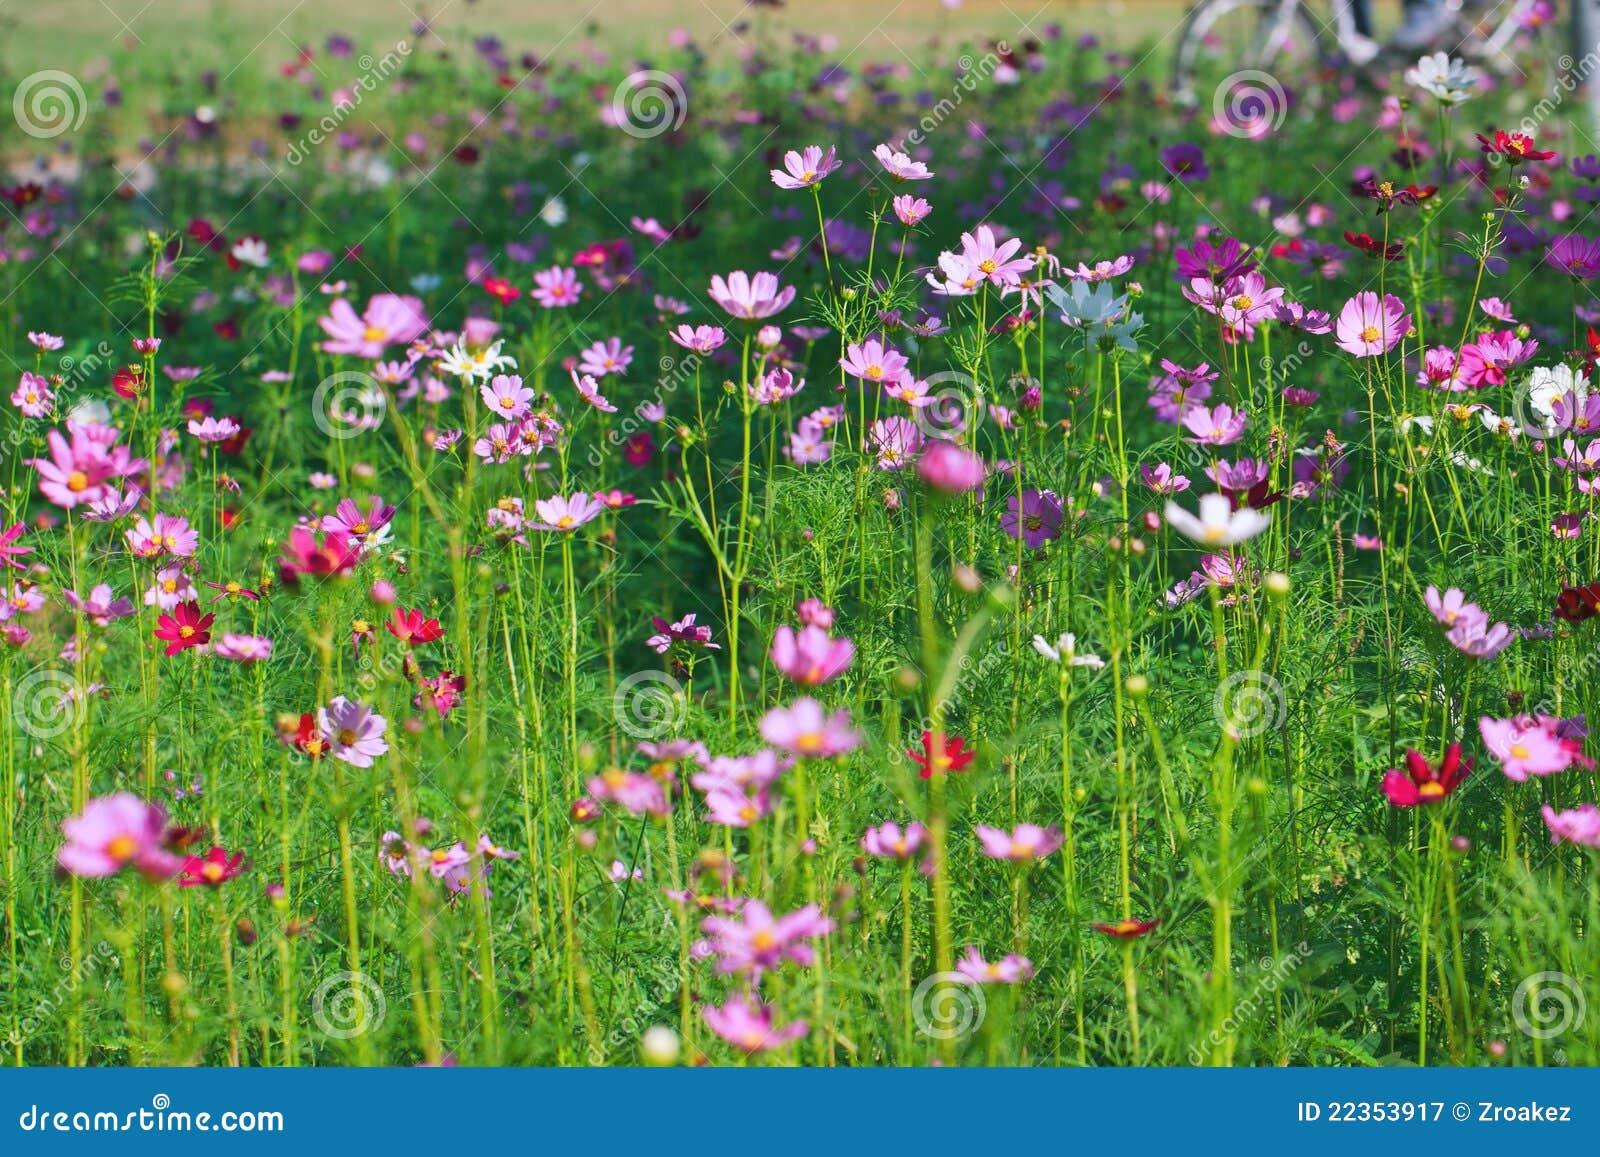 植物群庭院